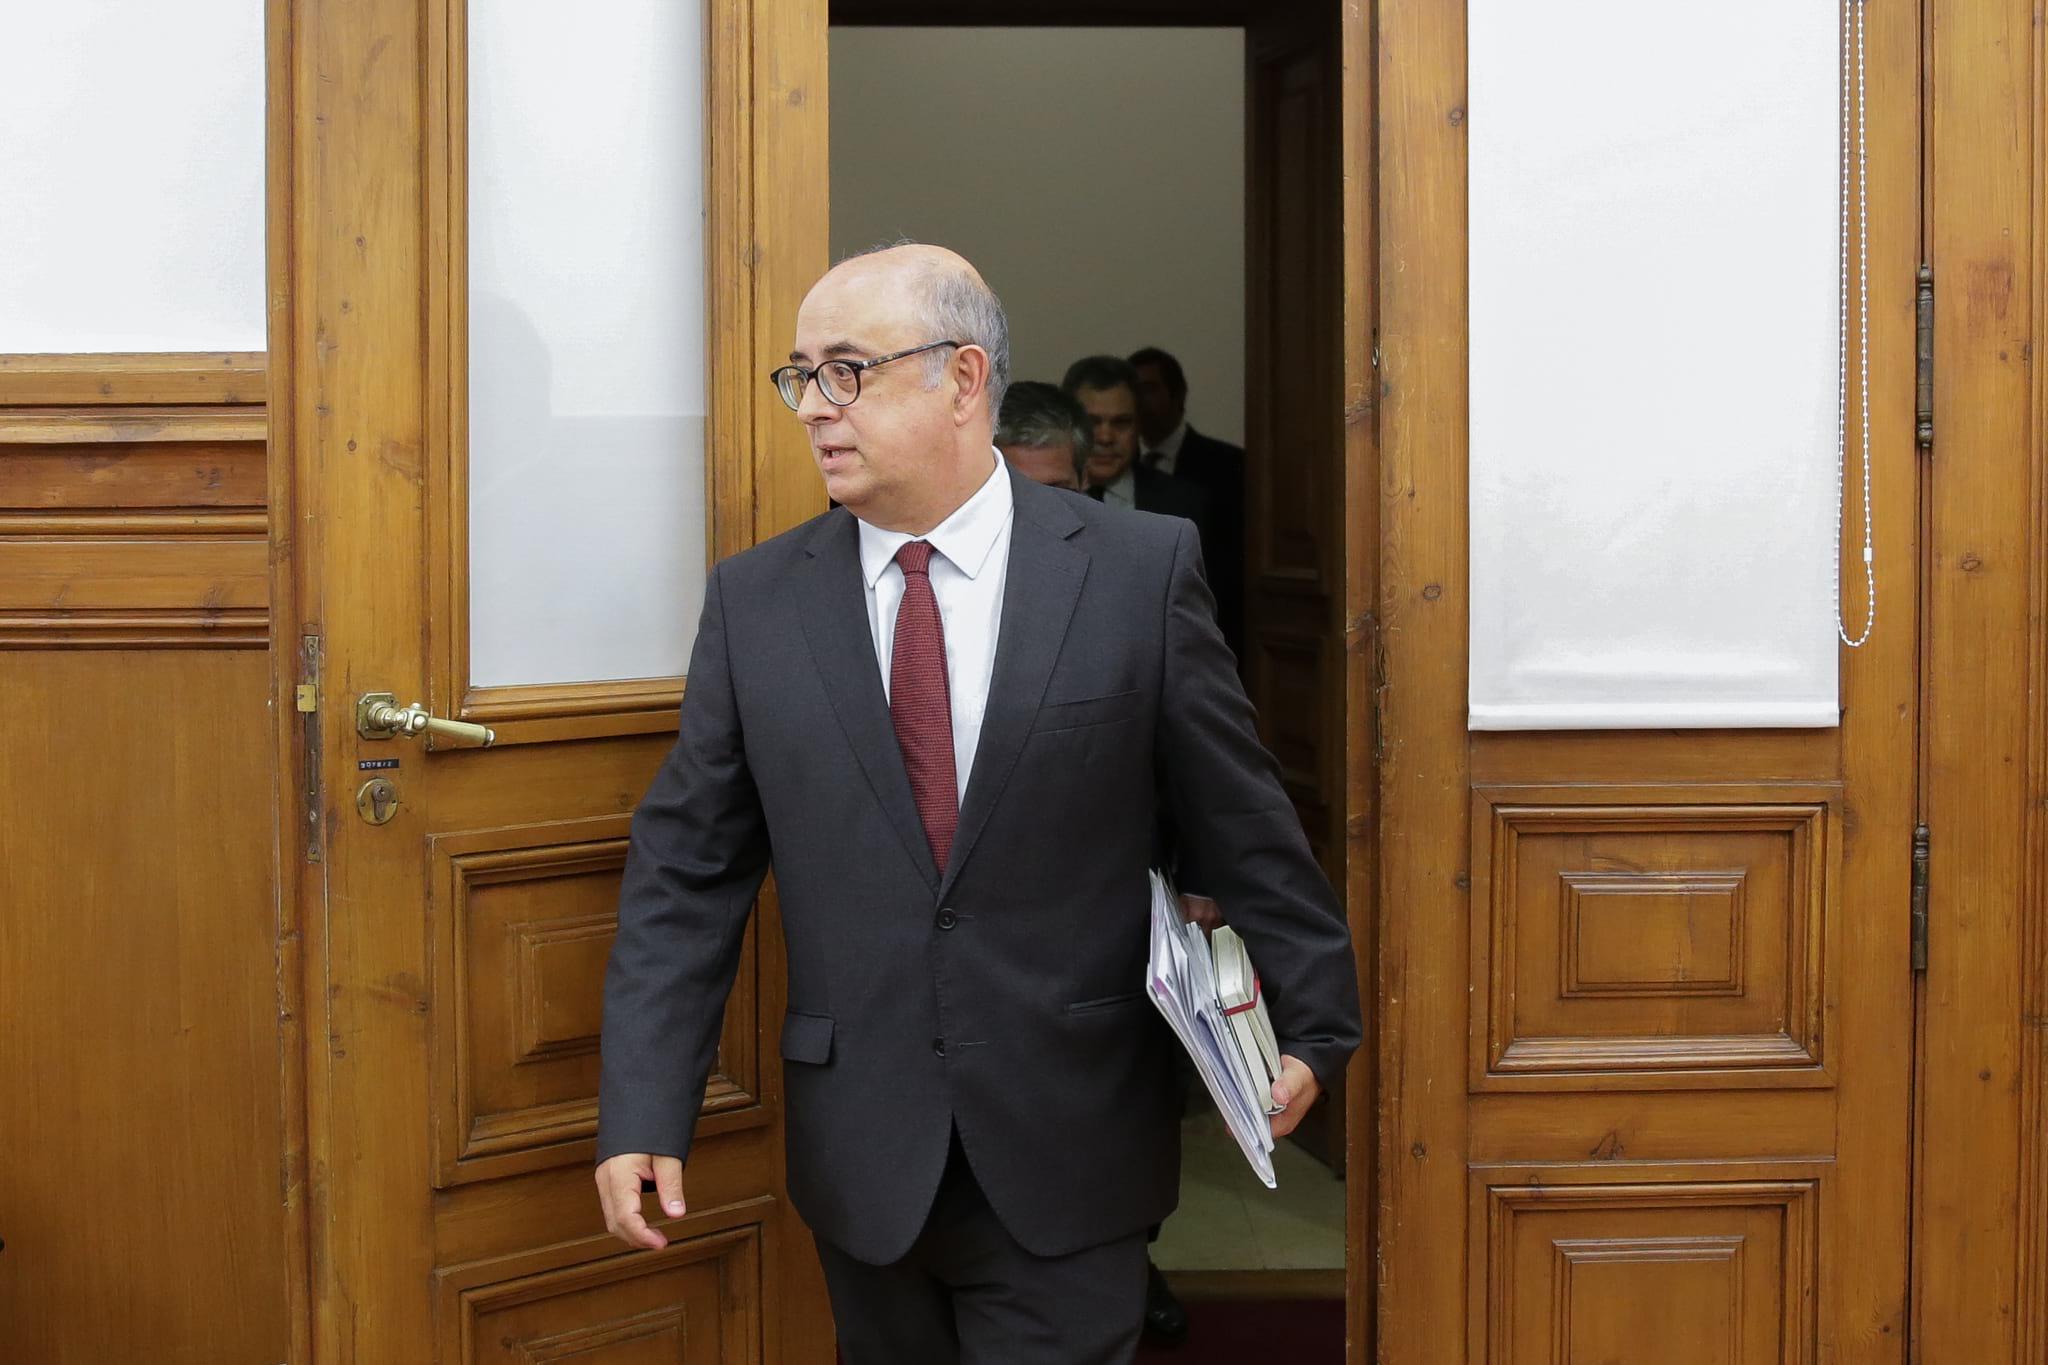 """PÚBLICO - Relatório sobre Tancos: acção de Azeredo Lopes foi """"de ligeireza, quase imprudente"""""""